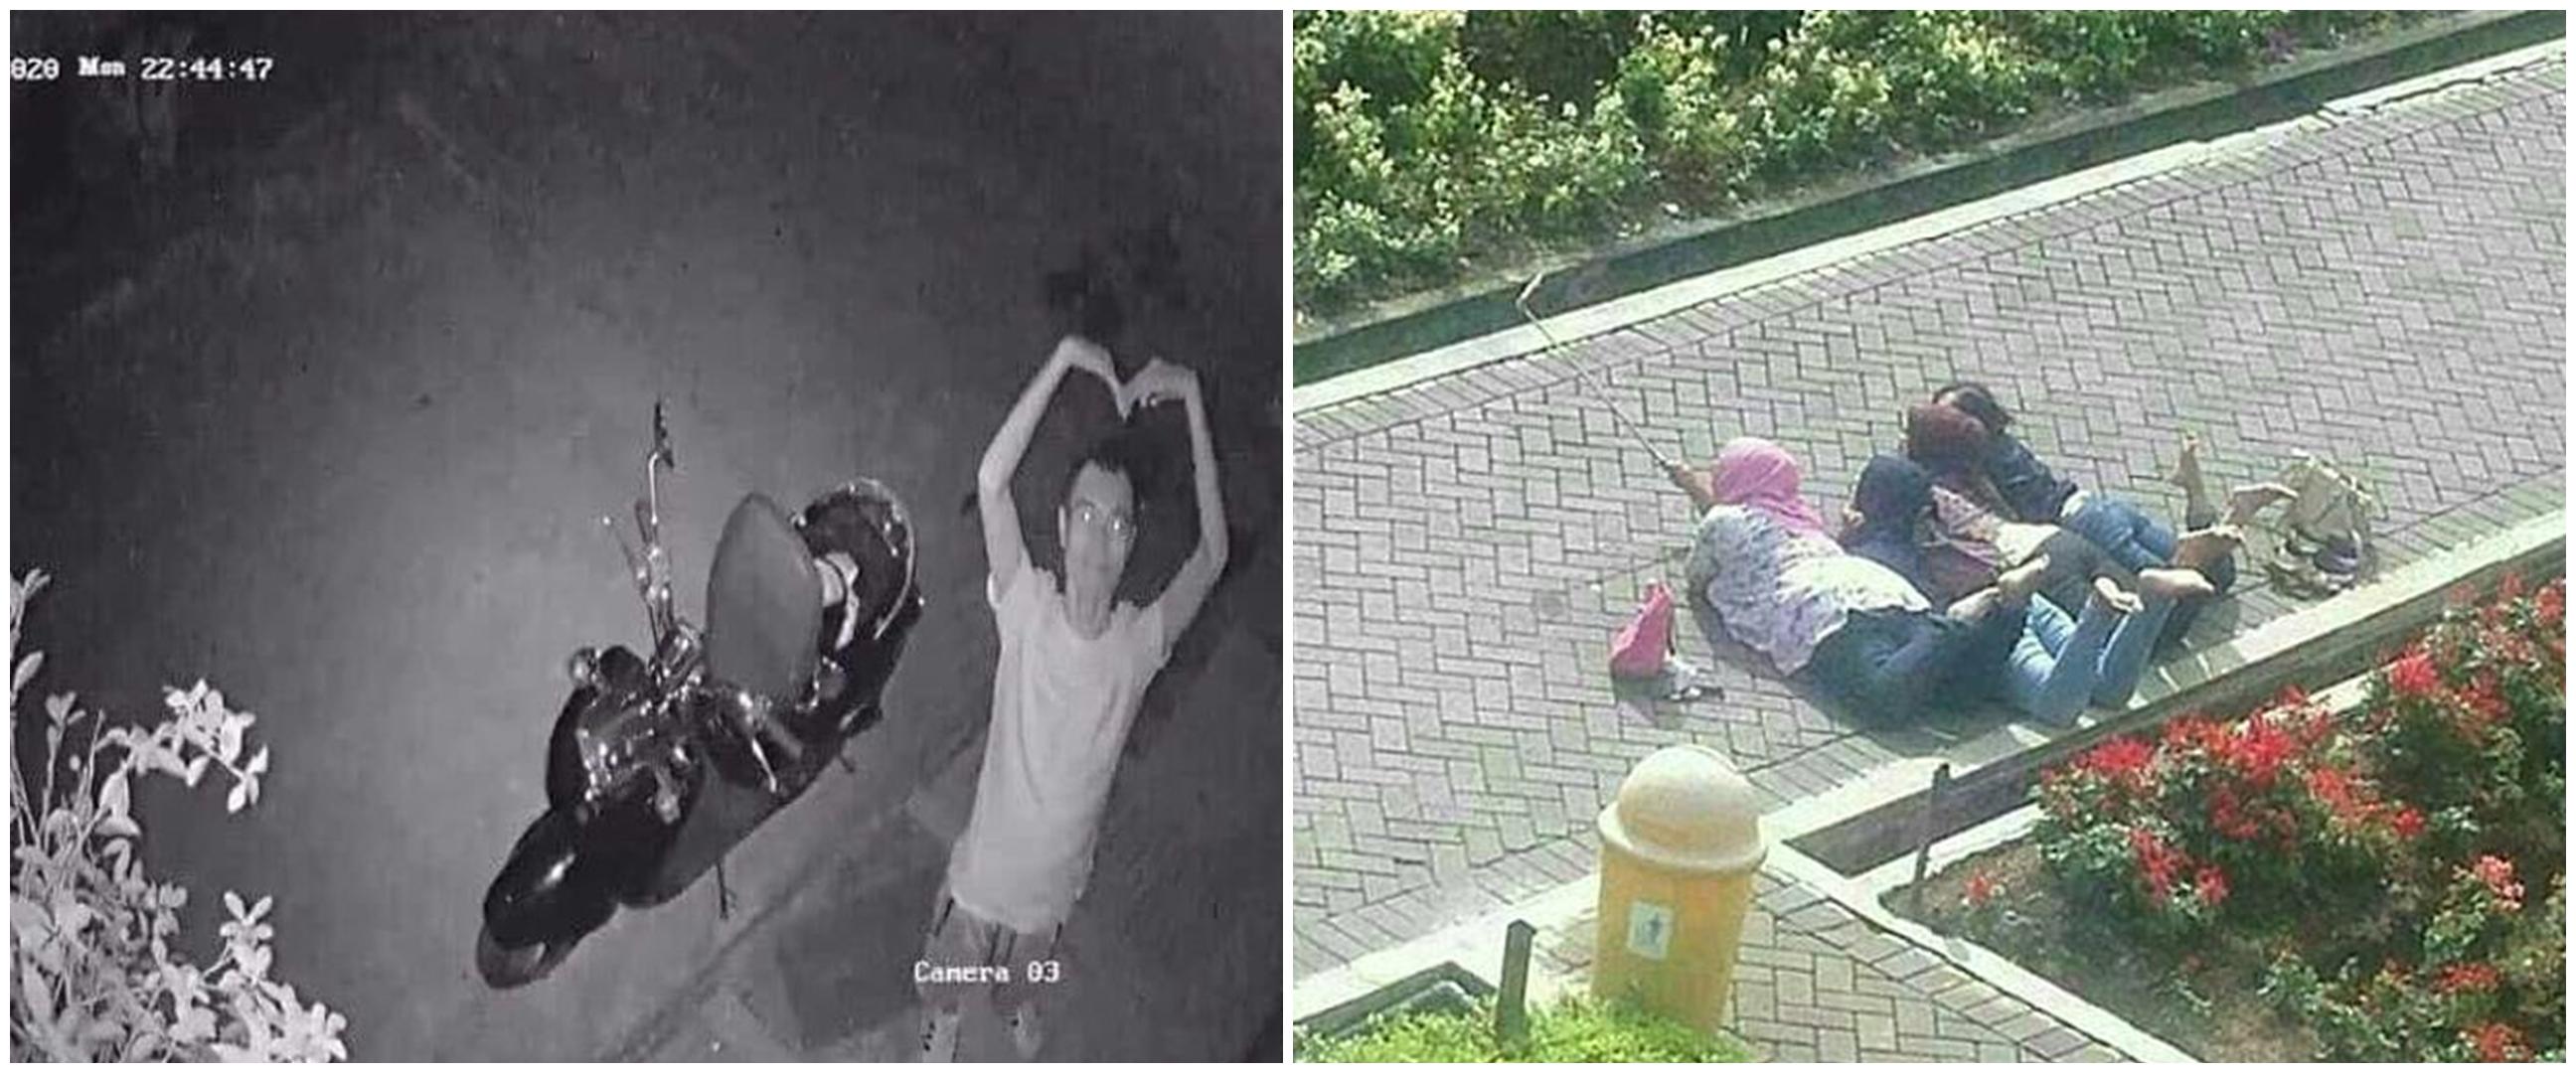 Tertangkap CCTV, aksi 7 orang kelewat narsis ini kocak